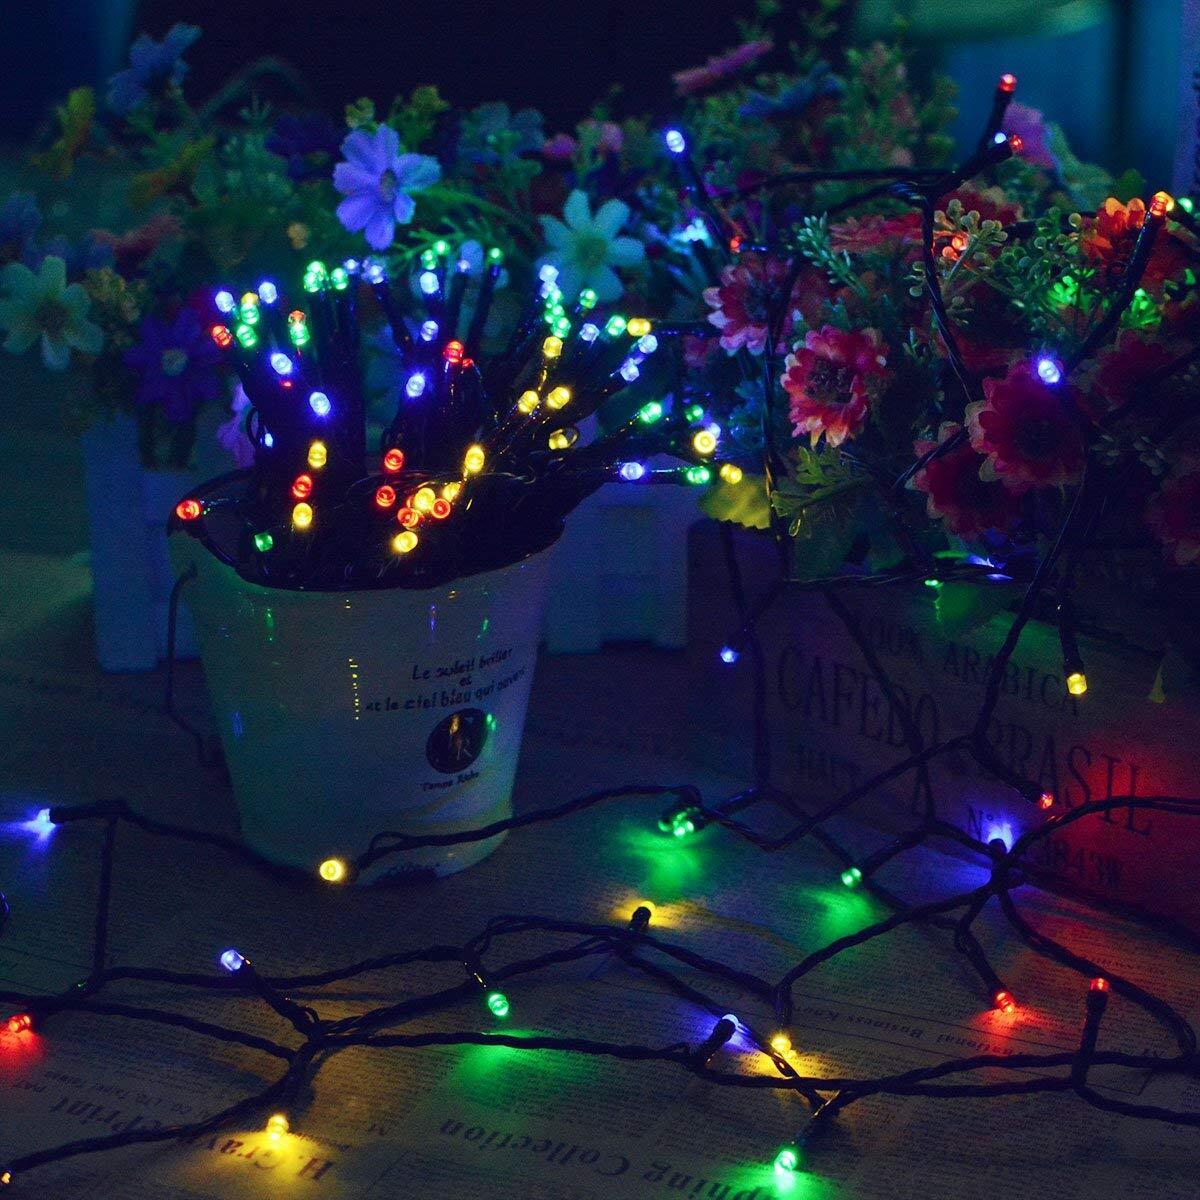 solar string lights 2 pack lights 72ft 22m 200 led solar powered starry lighting